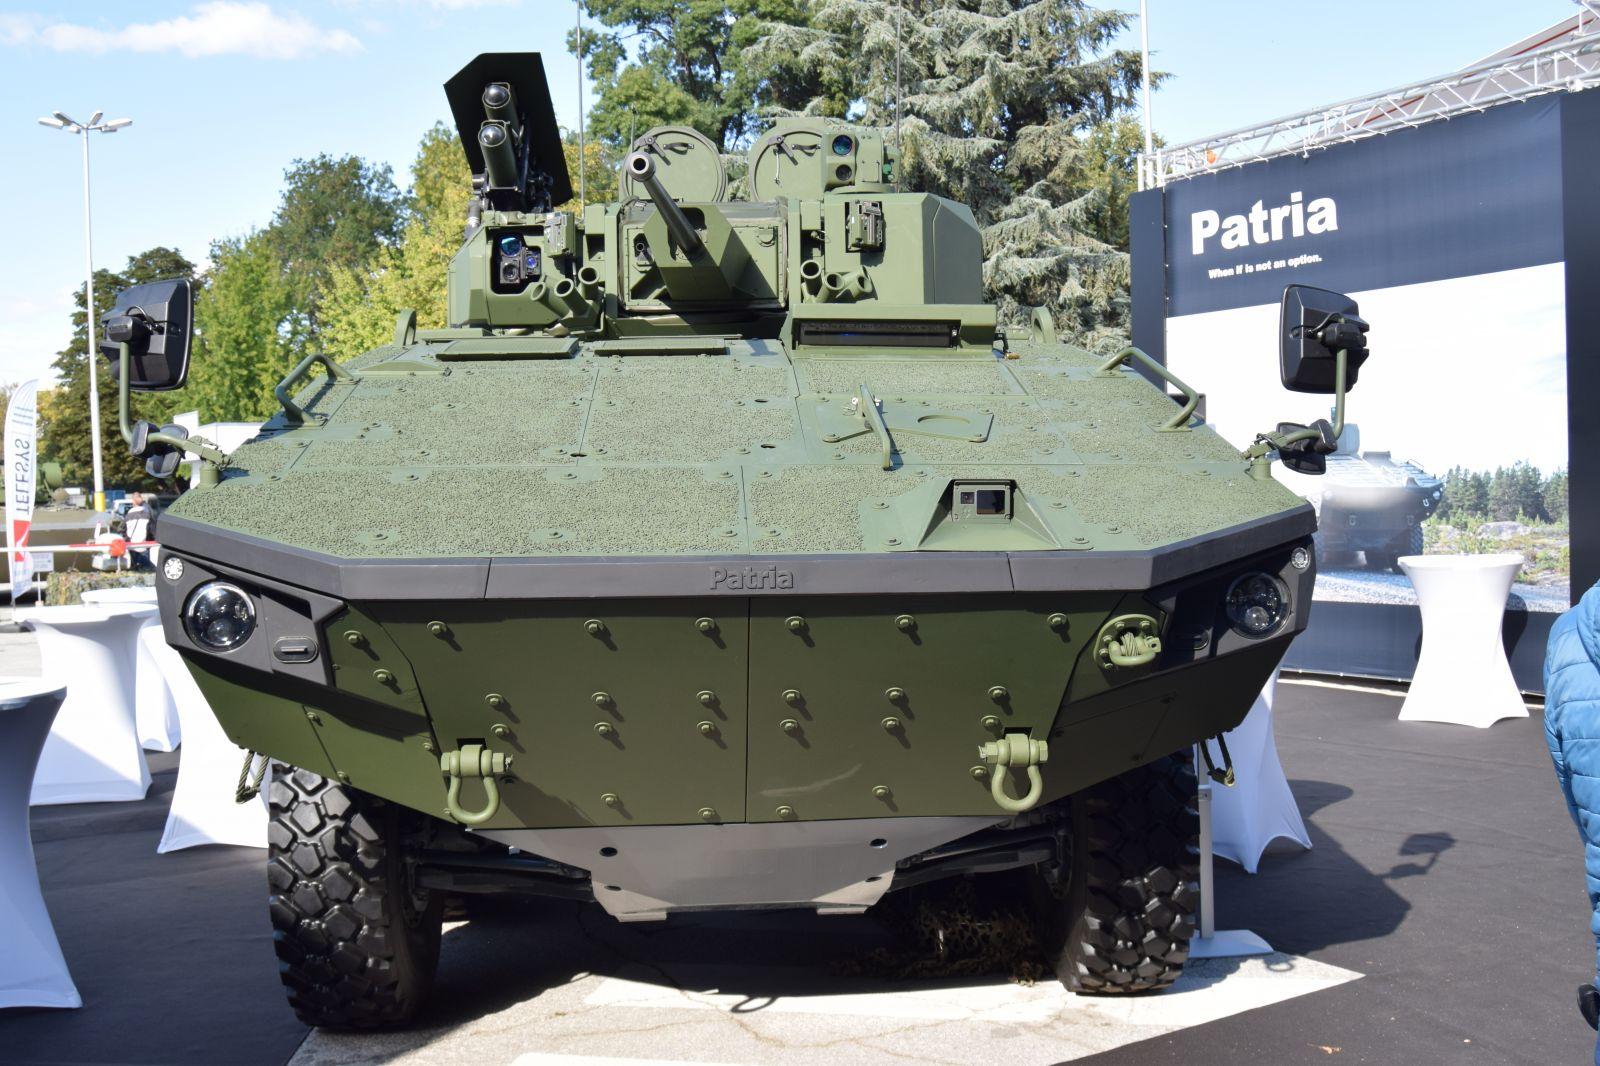 ХЕМУС 2020 - Patria AMV 8x8 е напълно съвместима с техническите изисквания на RFP на конкурса за нови бойни машини и е готова за тестване от българската армия (ГОЛЯМА ГАЛЕРИЯ)